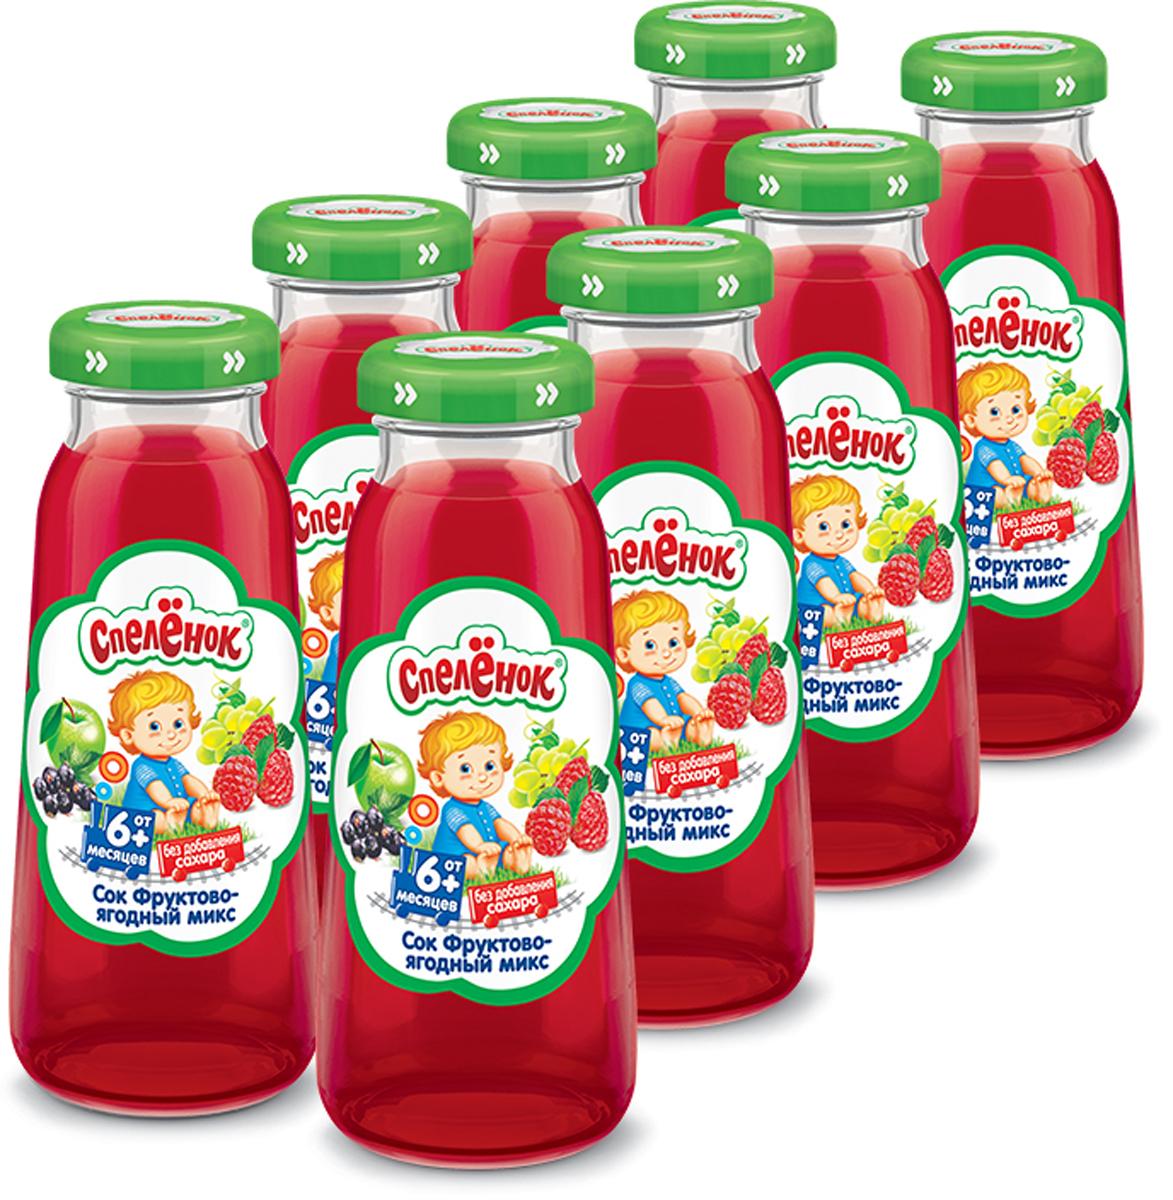 Сок Спеленок фруктово-ягодный с 6 месяцев, стекло, 8 шт по 0,2 л